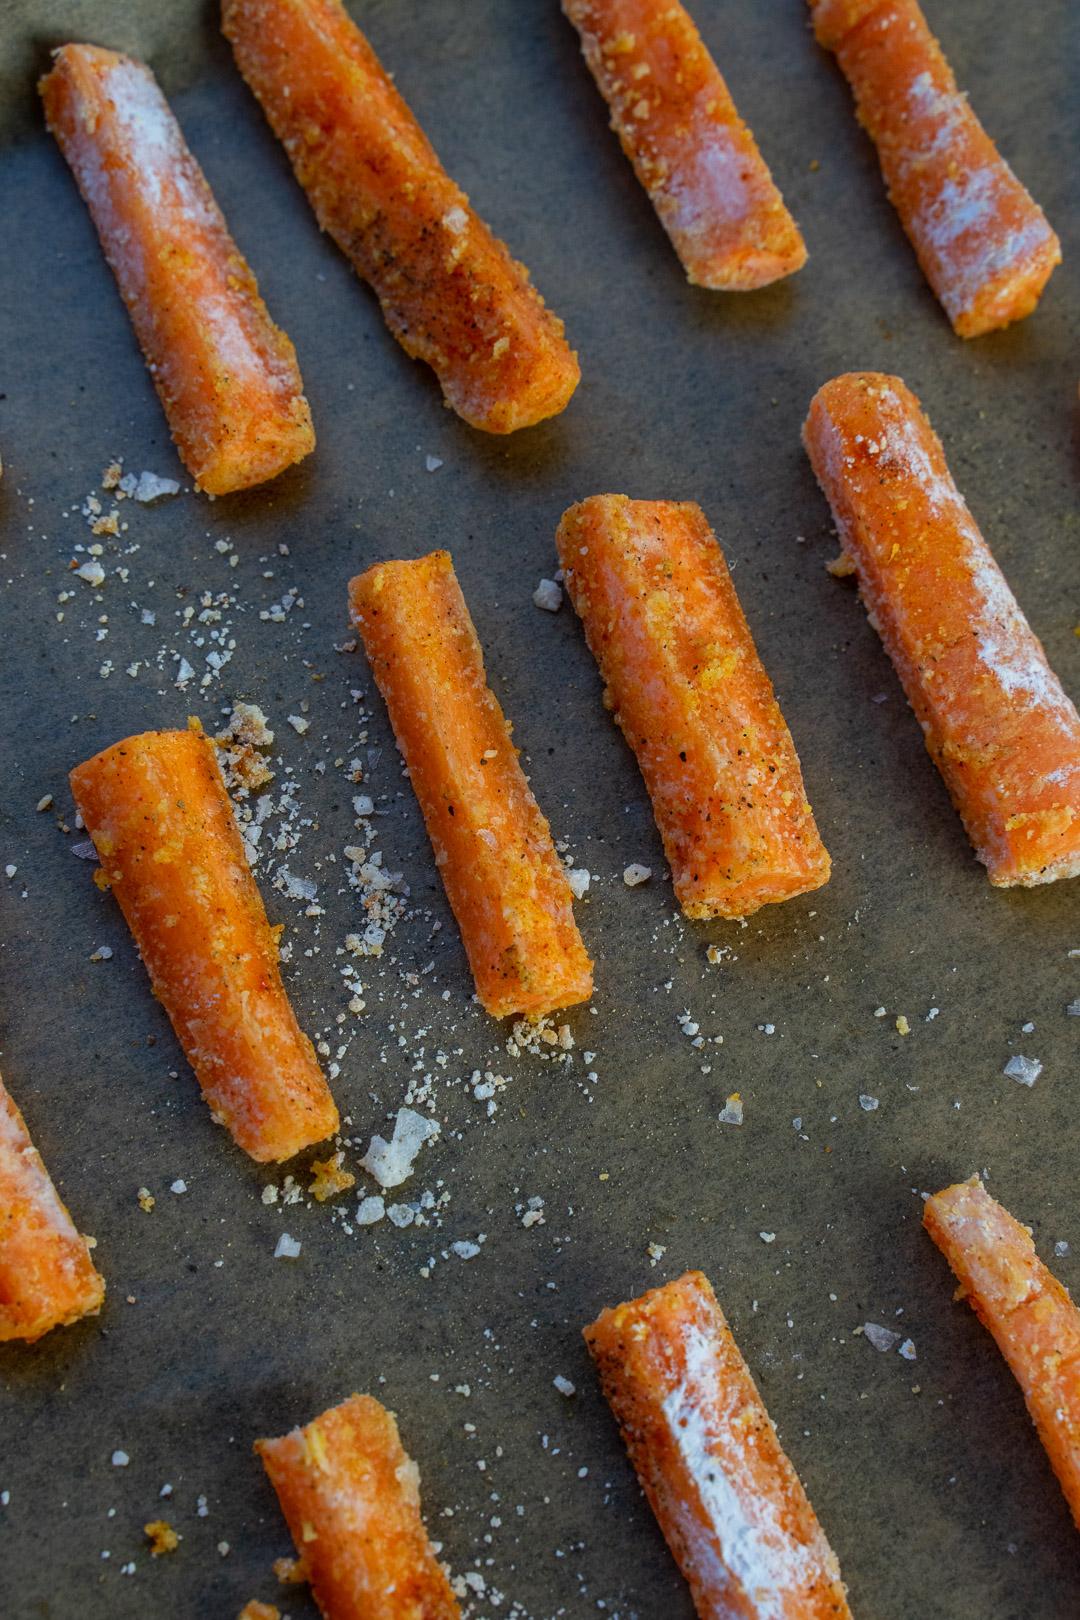 Crispy Baked Carrot Fries